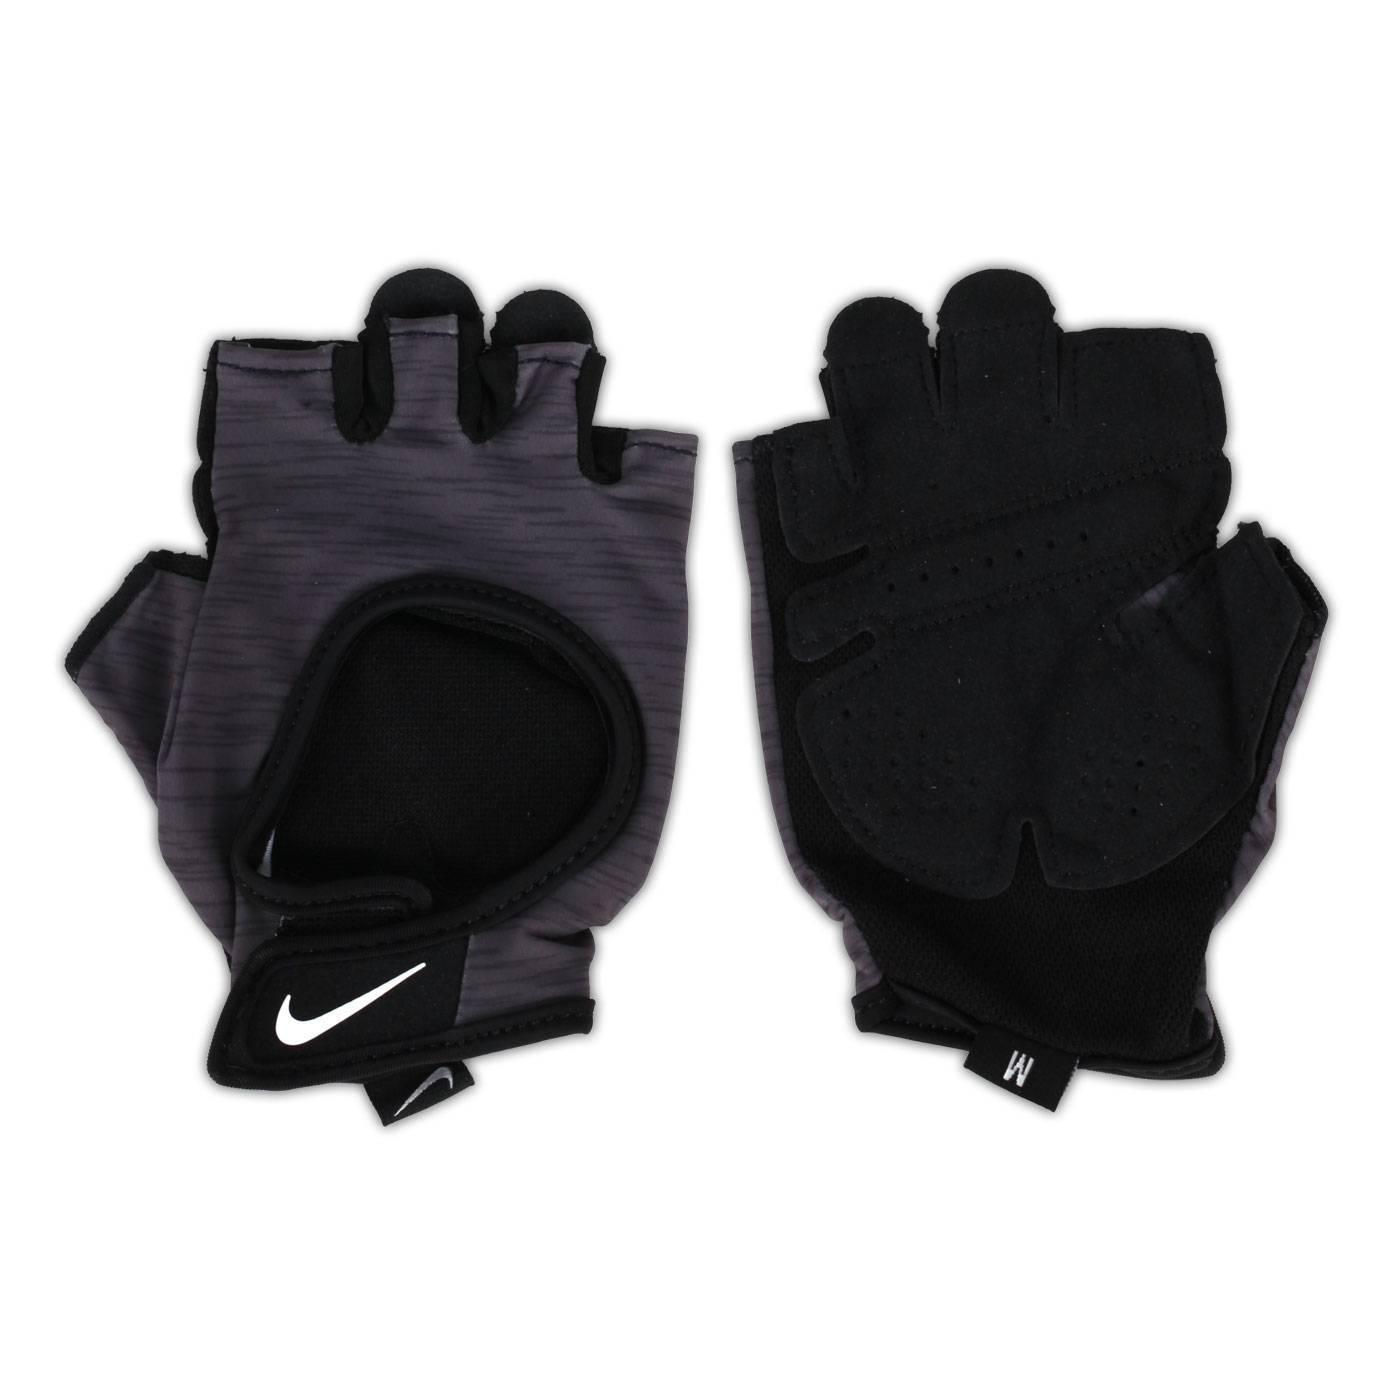 NIKE 女子中階訓練手套 N0002555051LG - 黑灰白